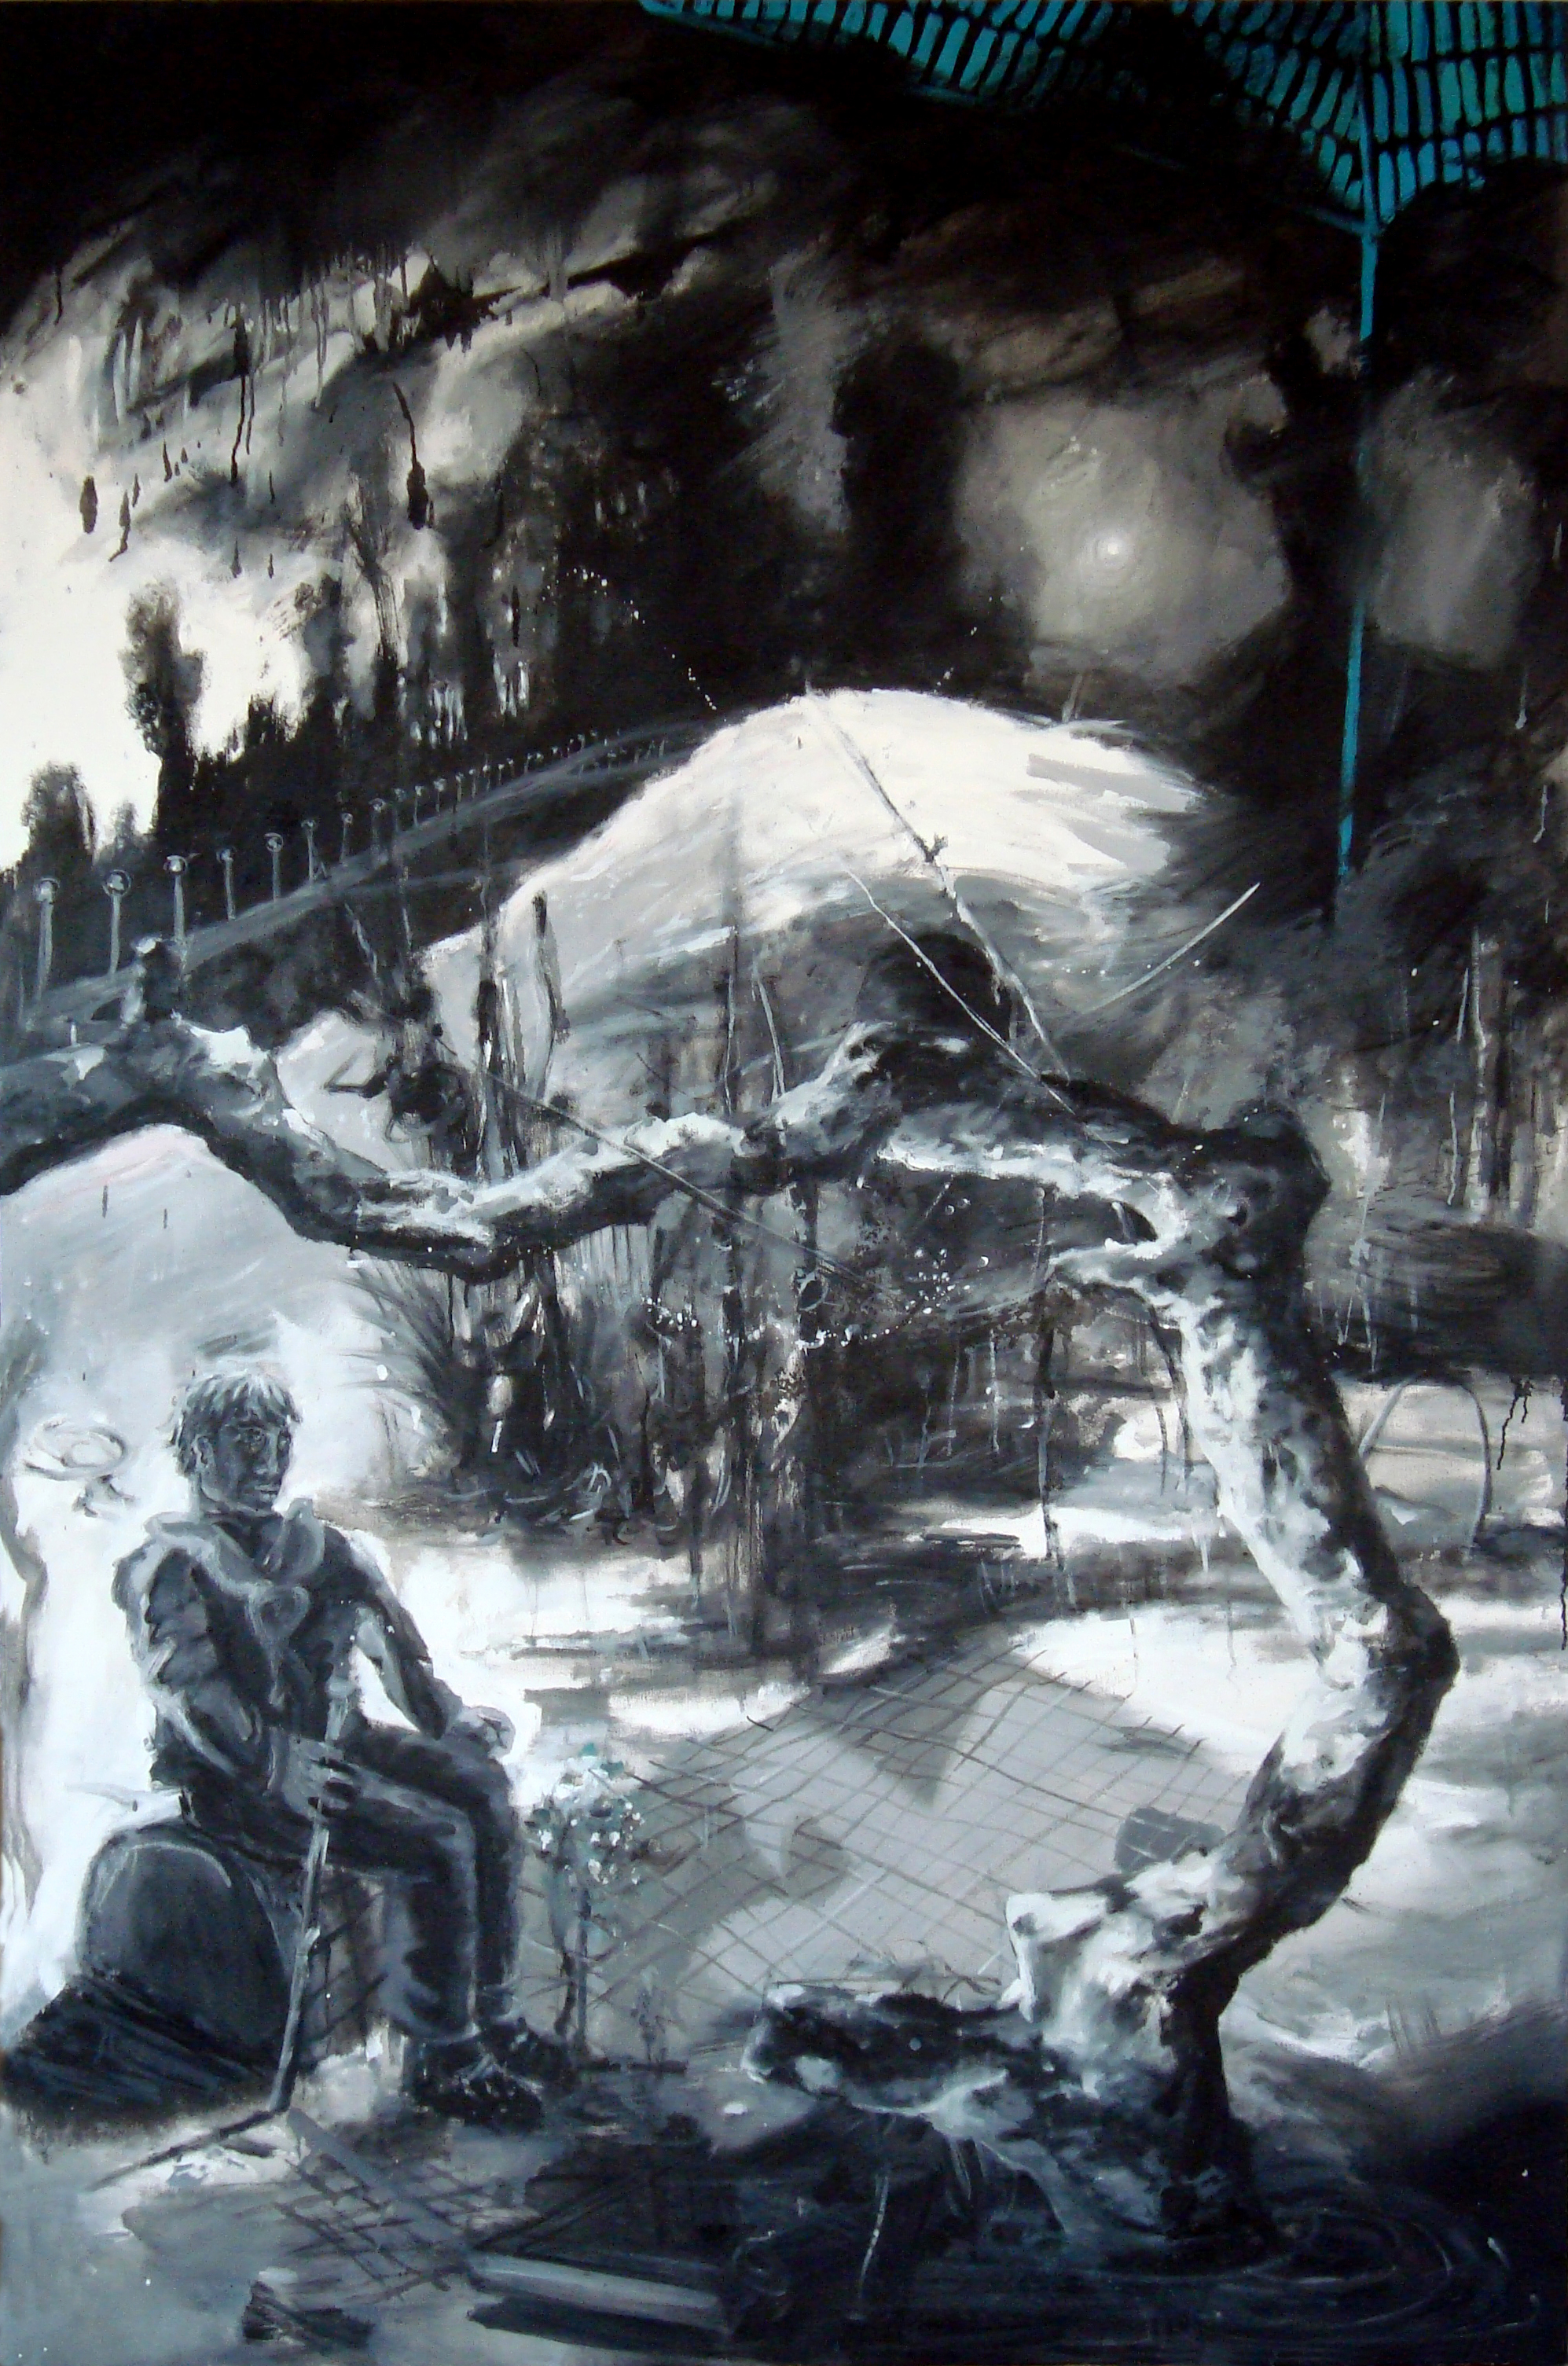 Triptyque à l'escabeau-Et après, 2016, huile sur toile, 195 x 130 cm